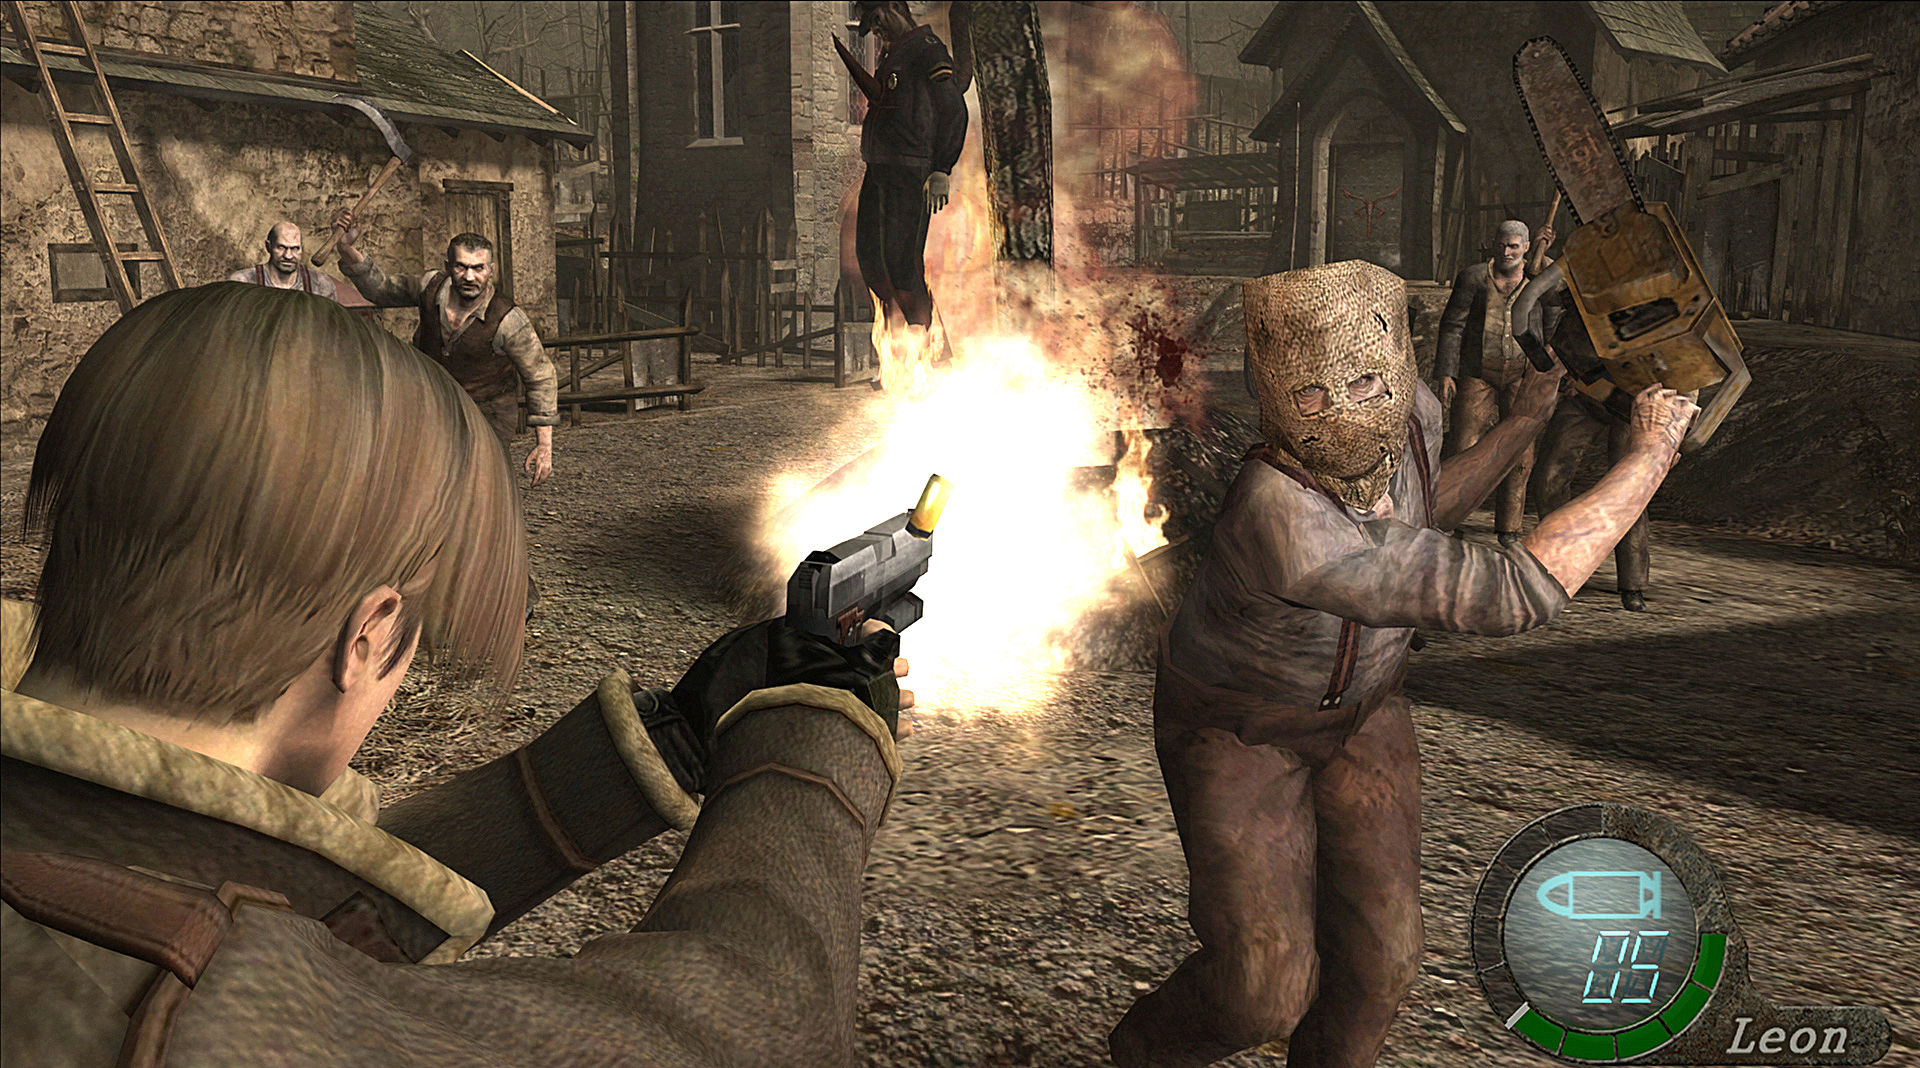 World of jizzart resident evil naked image